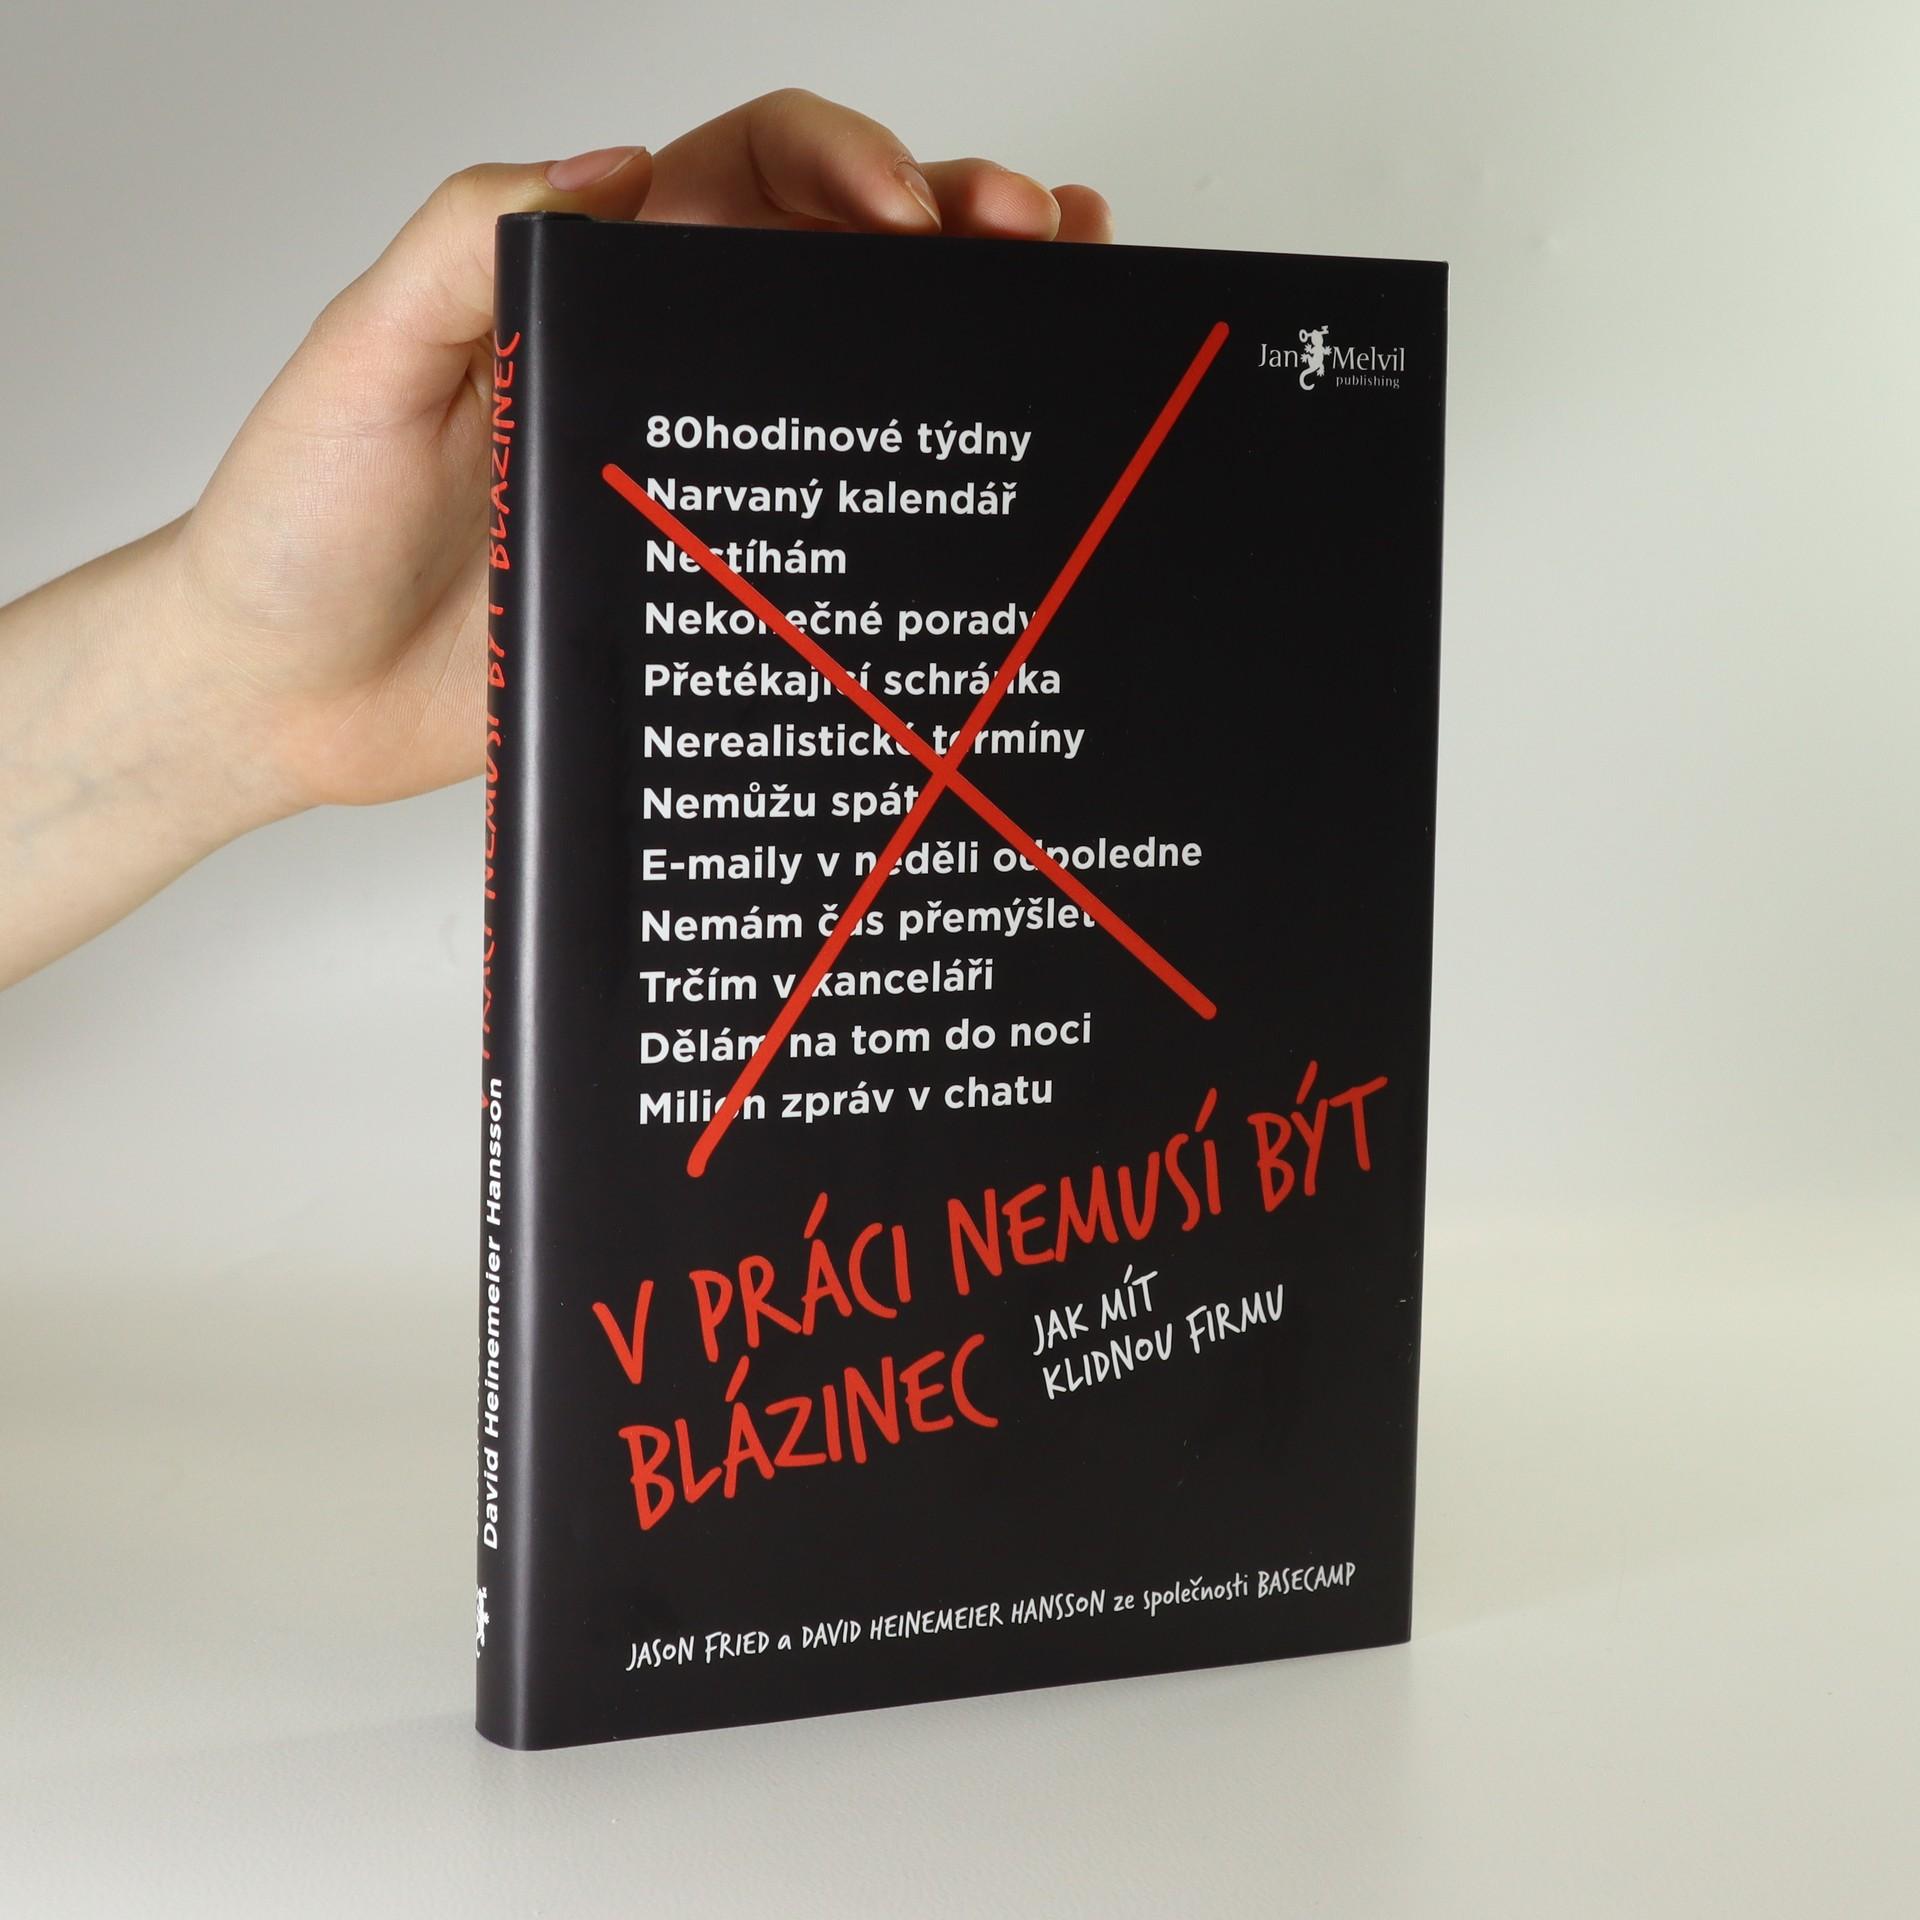 antikvární kniha V práci nemusí být blázinec, 2019